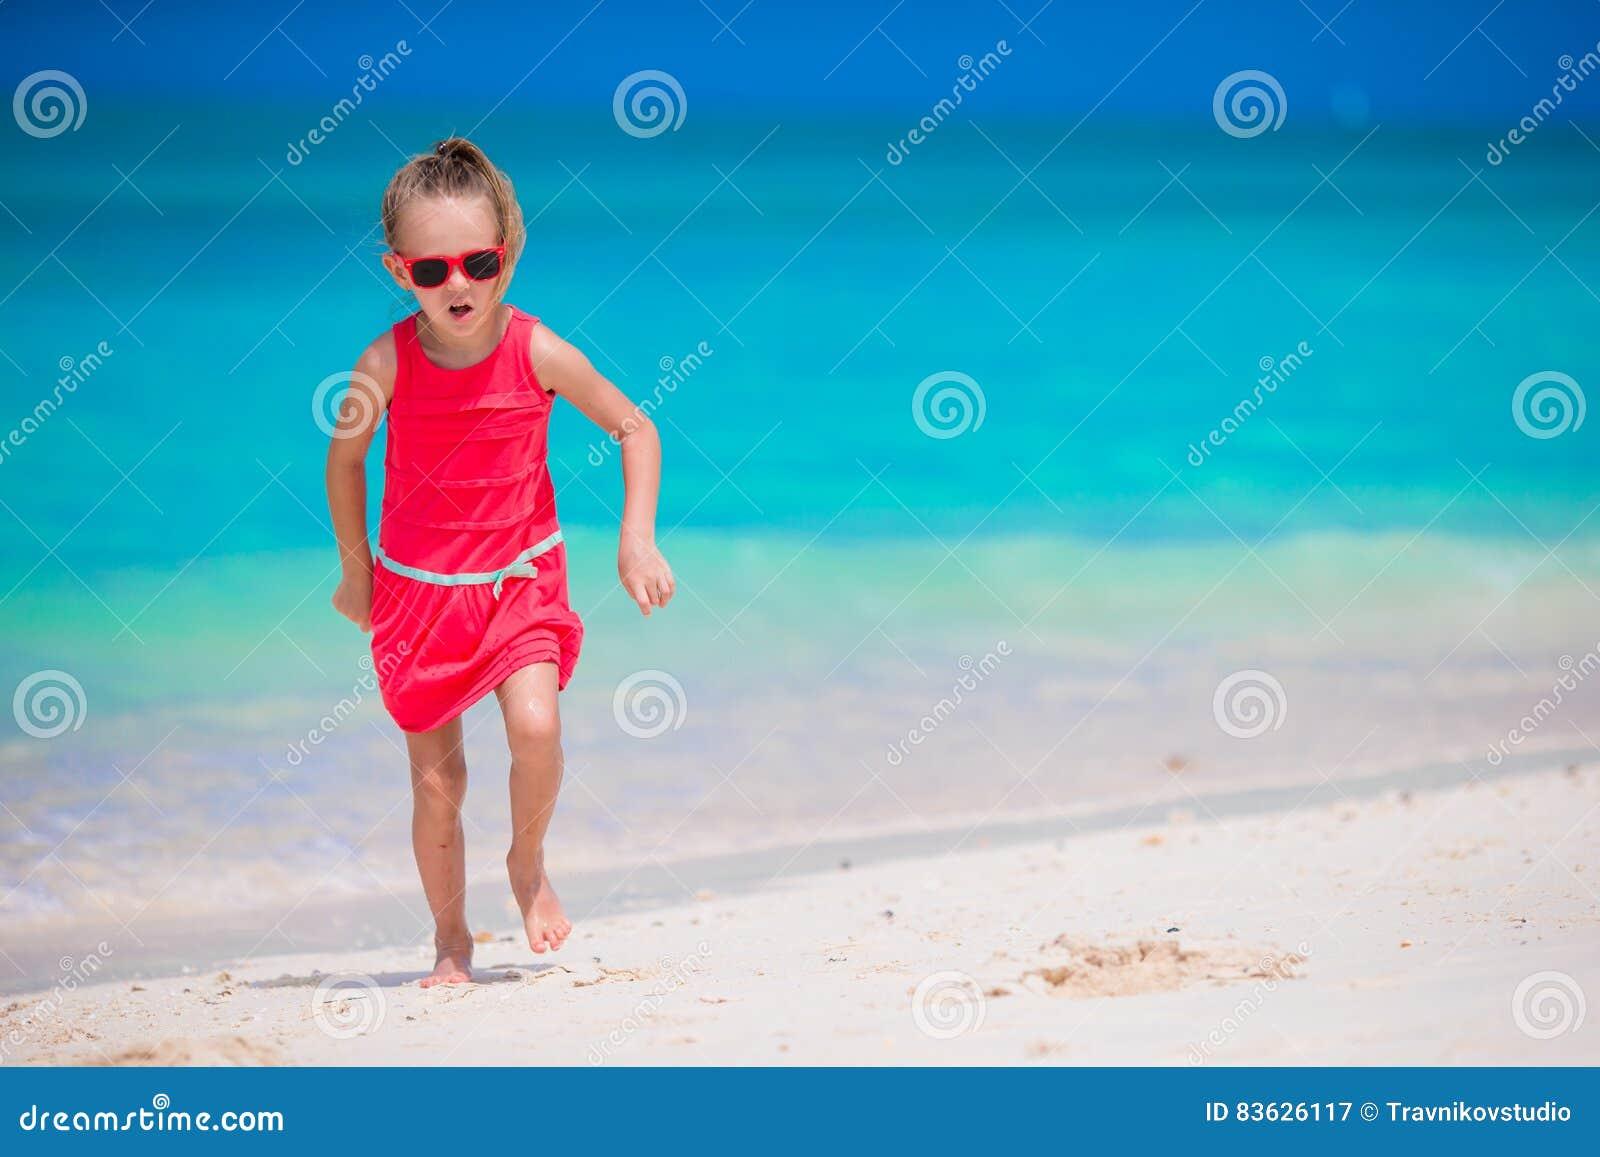 海滩的逗人喜爱的小女孩在热带假期时